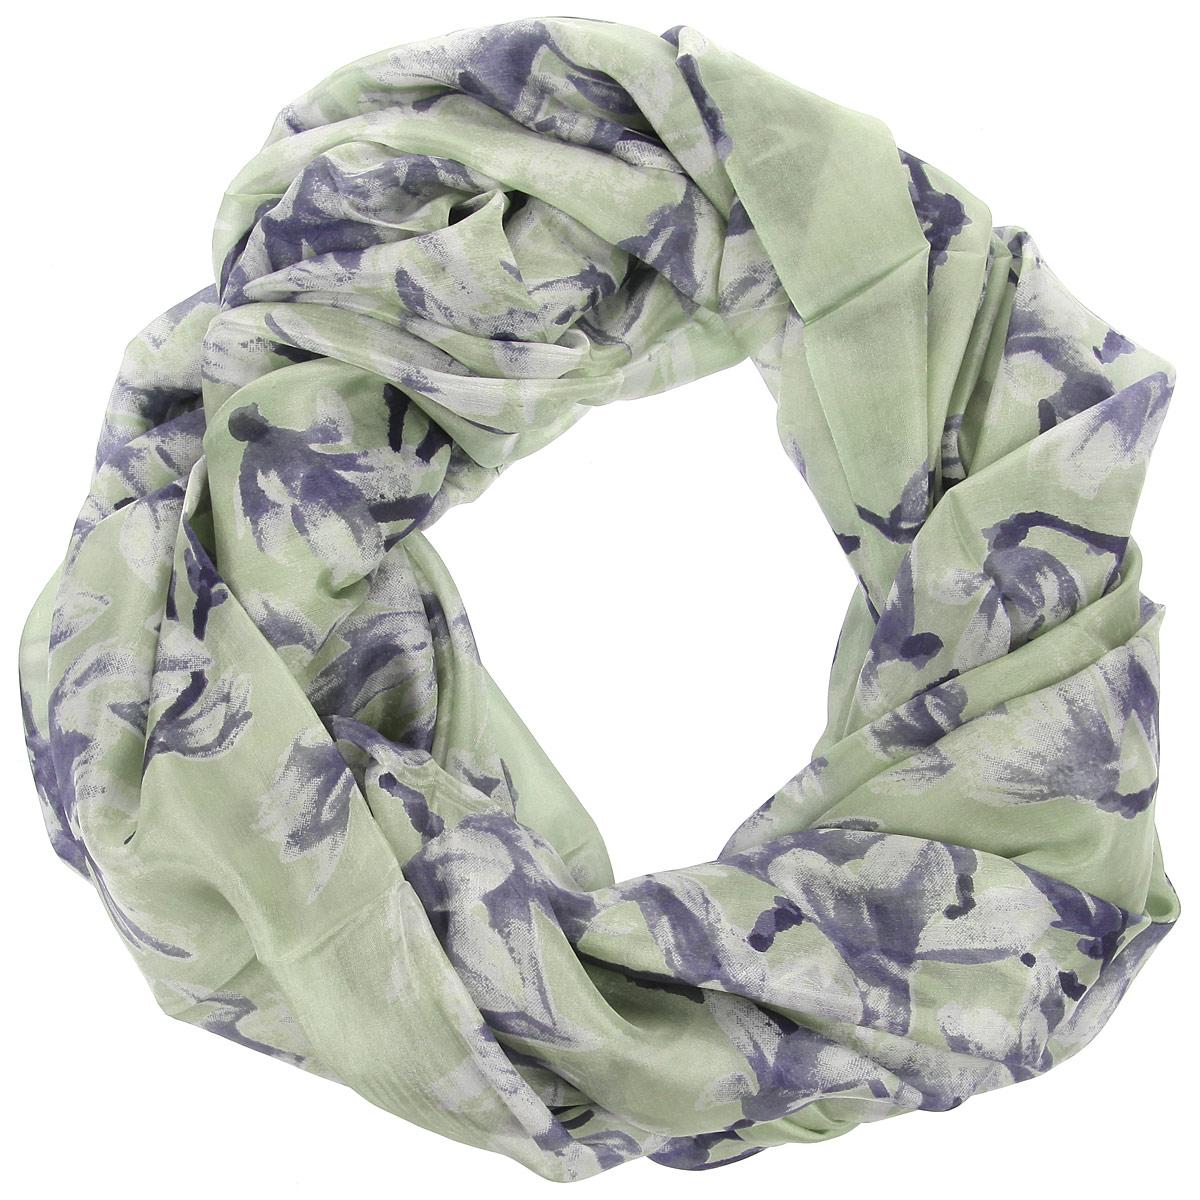 Палантин Michel Katana, цвет: светло-зеленый, серый. S-ORCHID/PISTA. Размер 110 см x 180 смS-ORCHID/PISTAОчаровательный палантин Michel Katana подчеркнет ваш неповторимый образ.Модель изготовлена из 100% шелка. Палантин очень мягкий и приятный на ощупь, хорошо драпируется. Размер этого палантина позволяет уютно закутаться в него прохладным вечером. Дизайн полотна придает модели удивительно динамичное и яркое настроение. Края палантина декорированы кисточками, скрученными в жгутики.Этот модный аксессуар женского гардероба гармонично дополнит образ современной женщины, следящей за своим имиджем и стремящейся всегда оставаться стильной и элегантной.